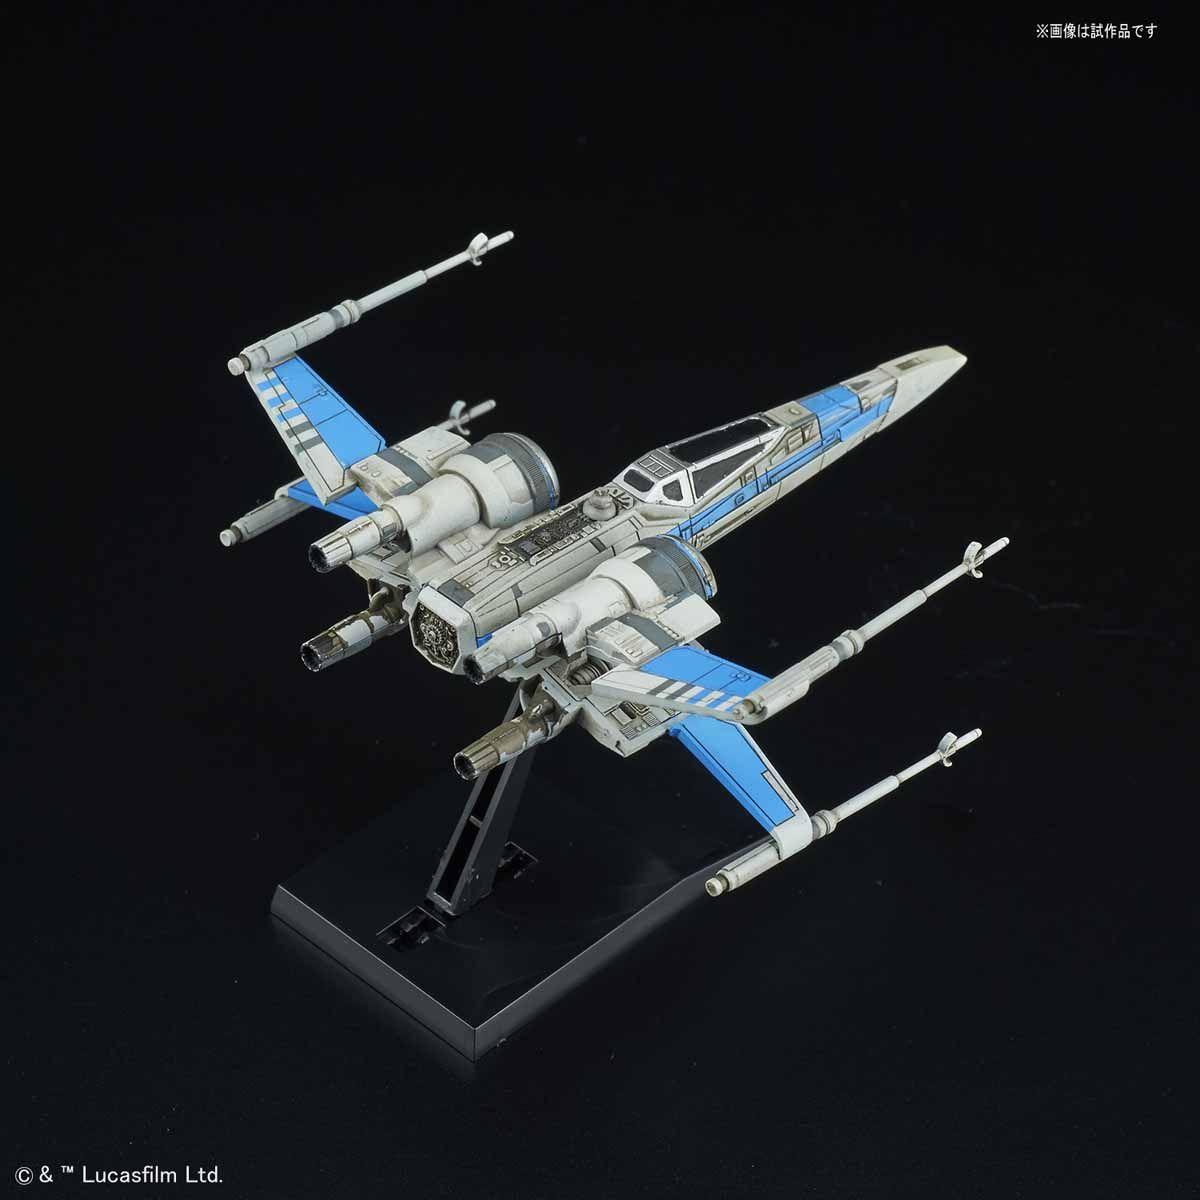 ビークルモデル 011 Xウイング・ファイター レジスタンス ブルー中隊仕様 02